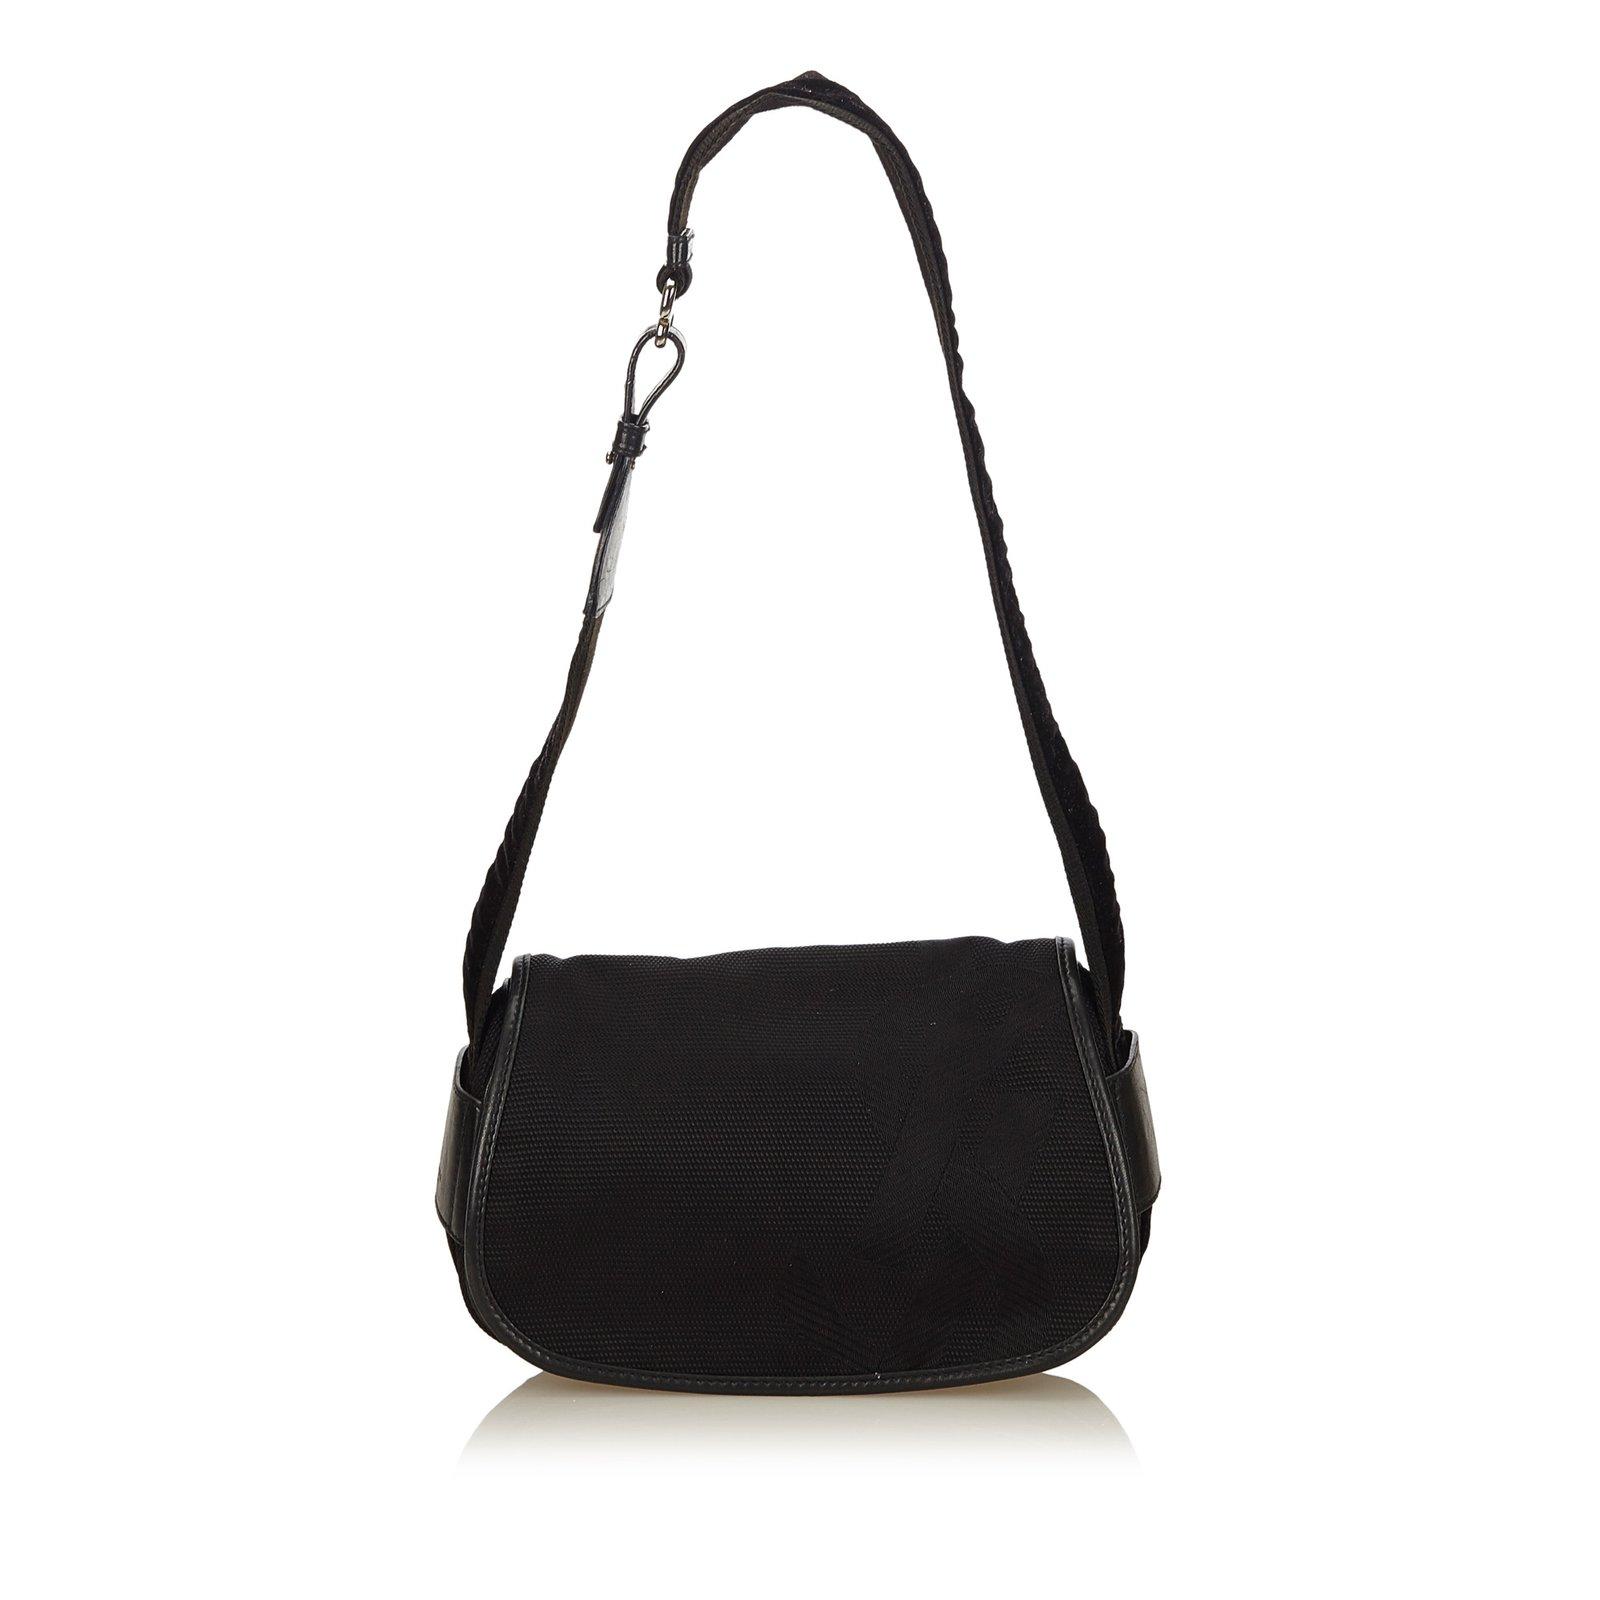 d5146d839a4b Yves Saint Laurent Rive Gauche Jacquard Shoulder Bag Handbags Leather